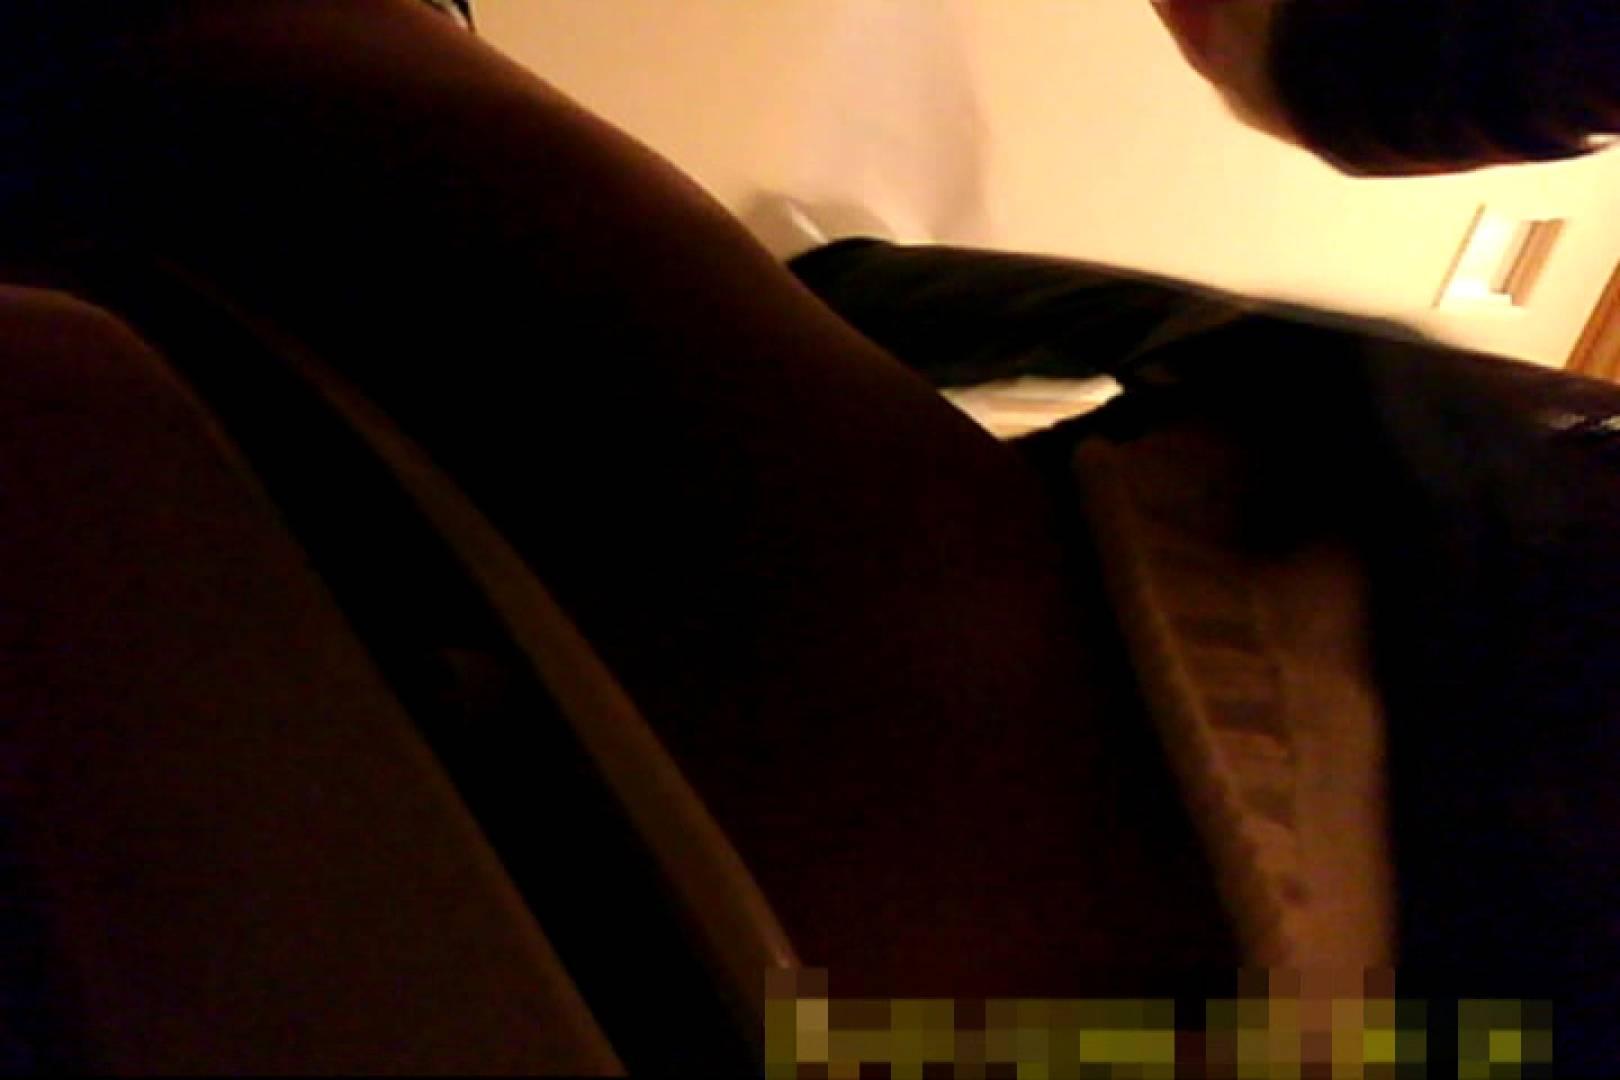 魅惑の化粧室~禁断のプライベート空間~27 プライベート映像お届け  19連発 9